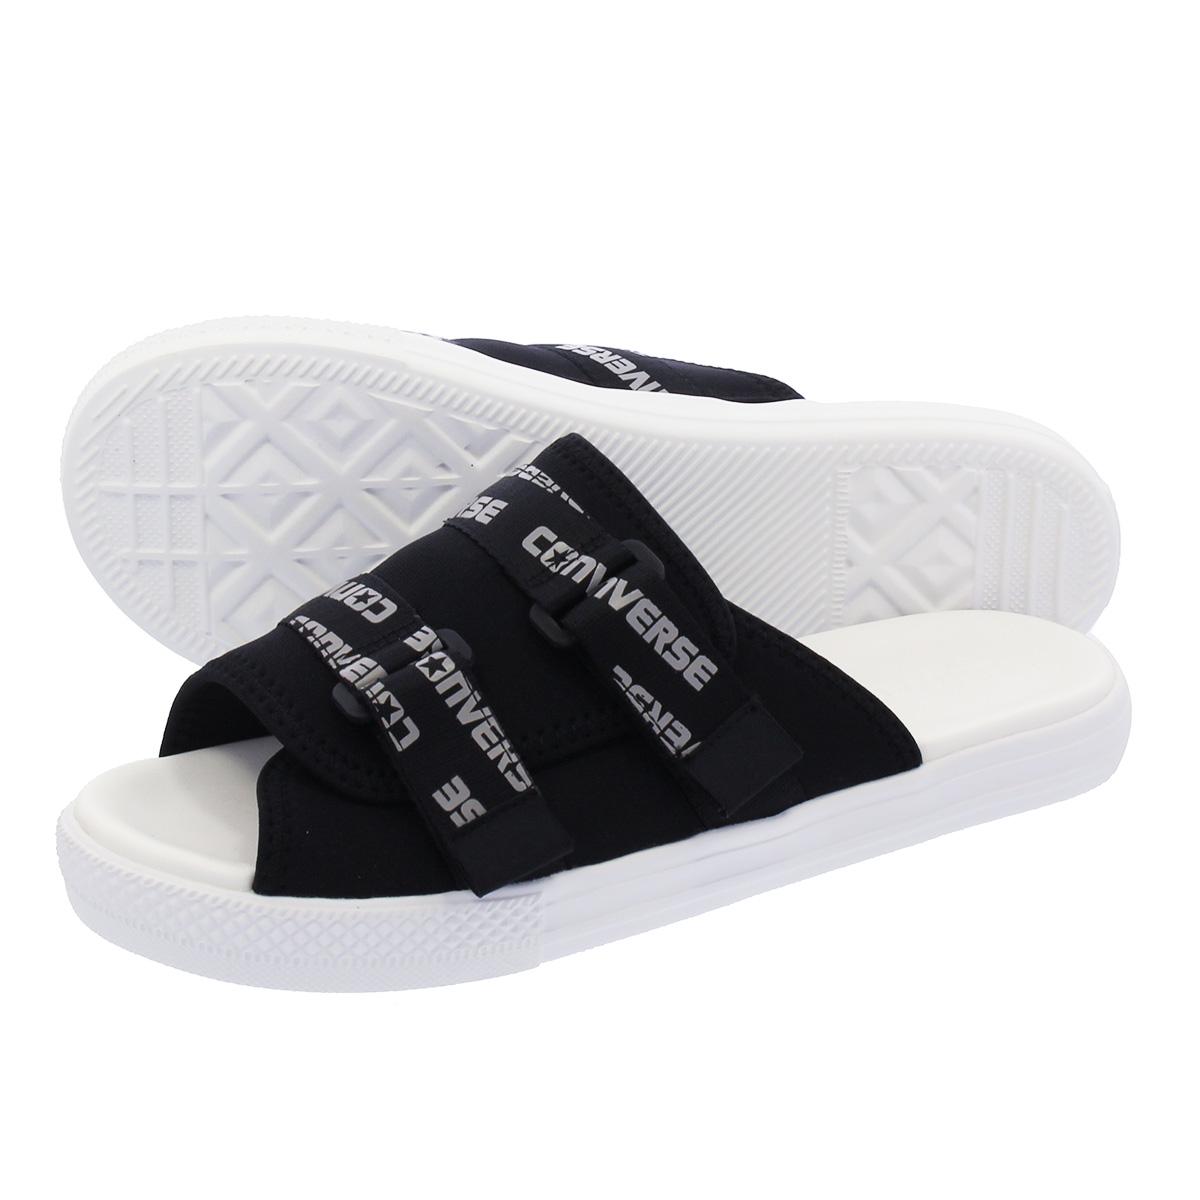 b5523b55c0cd91 LOWTEX PLUS  CONVERSE CV SANDAL STRAP Converse CV sandals strap BLACK